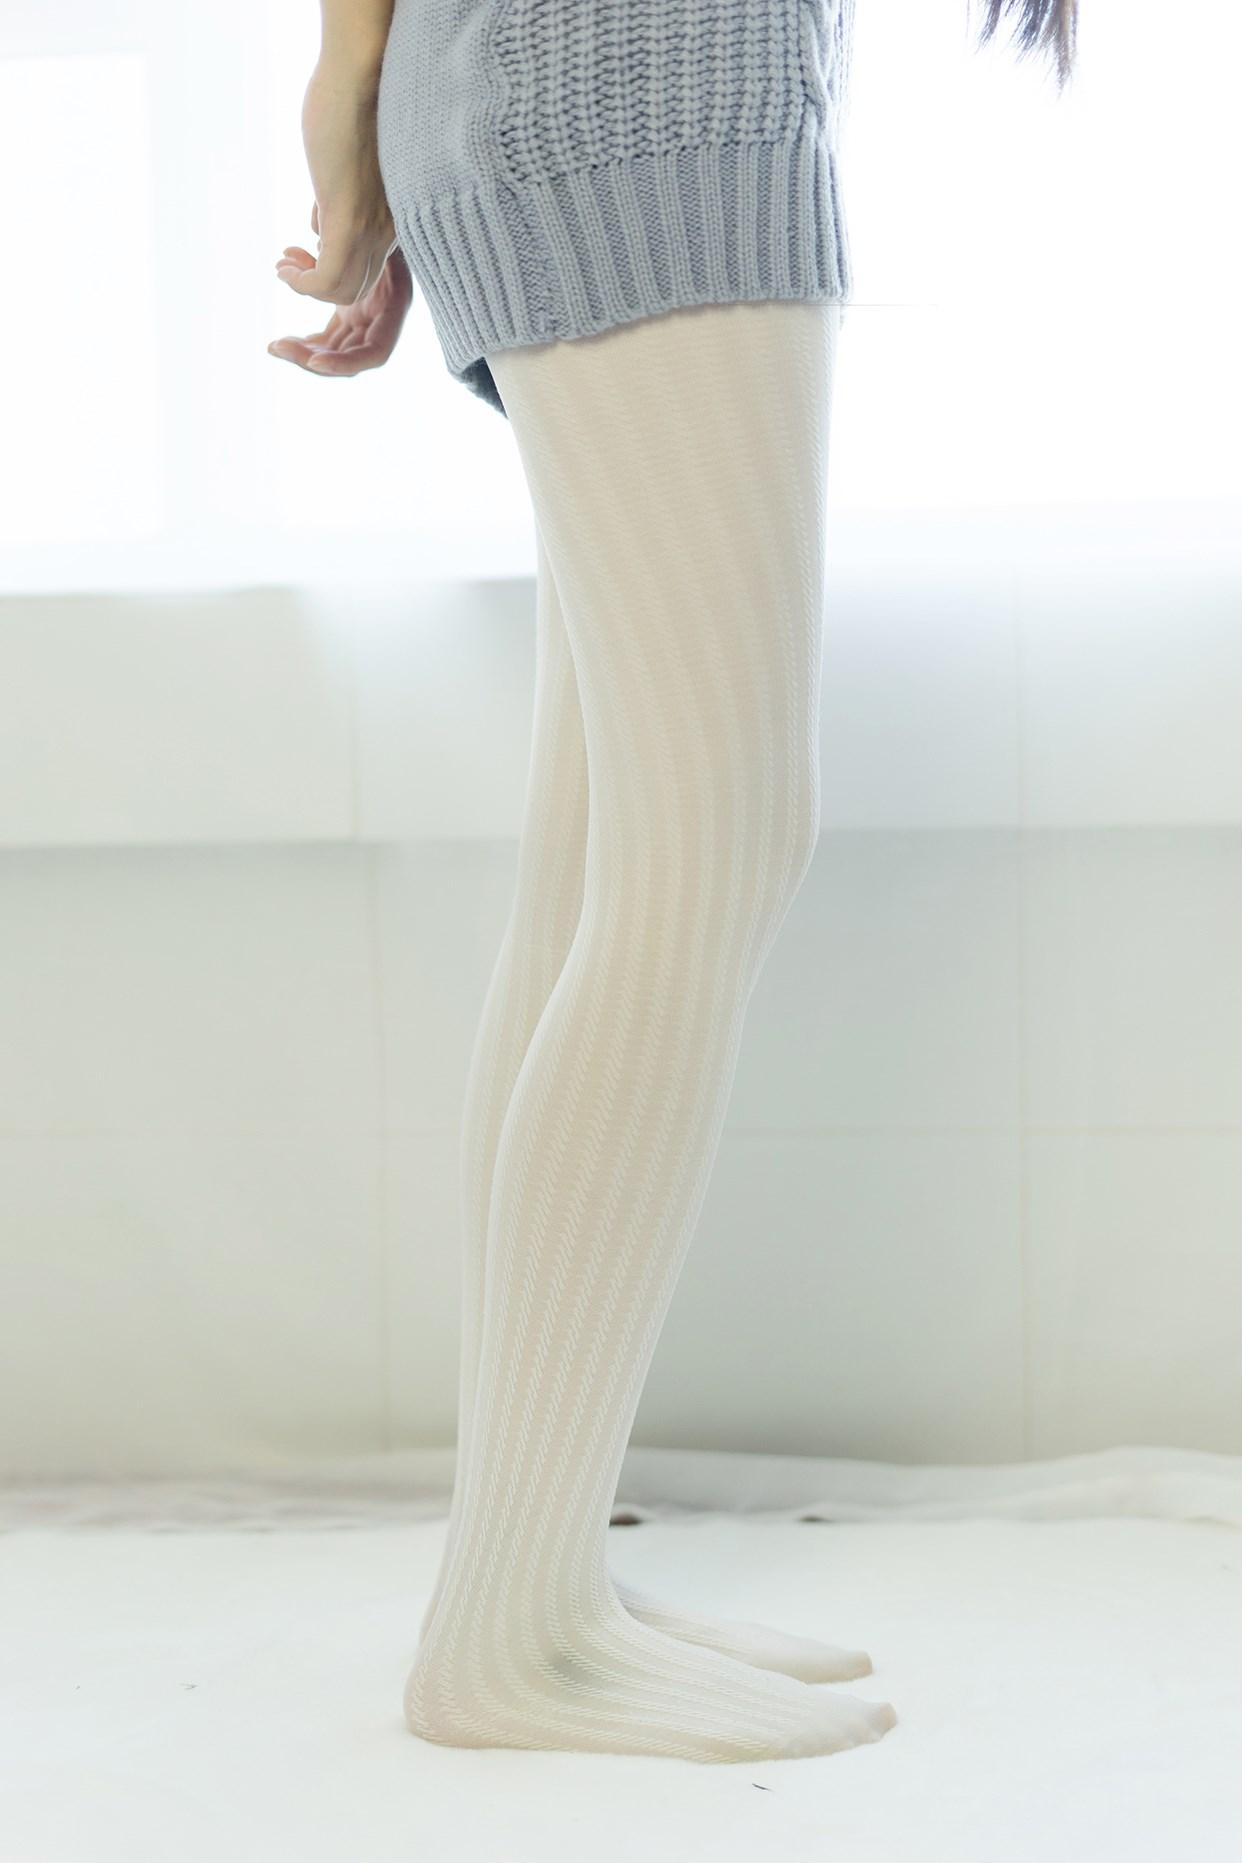 【兔玩映画】白丝袜你喜欢吗 兔玩映画 第11张